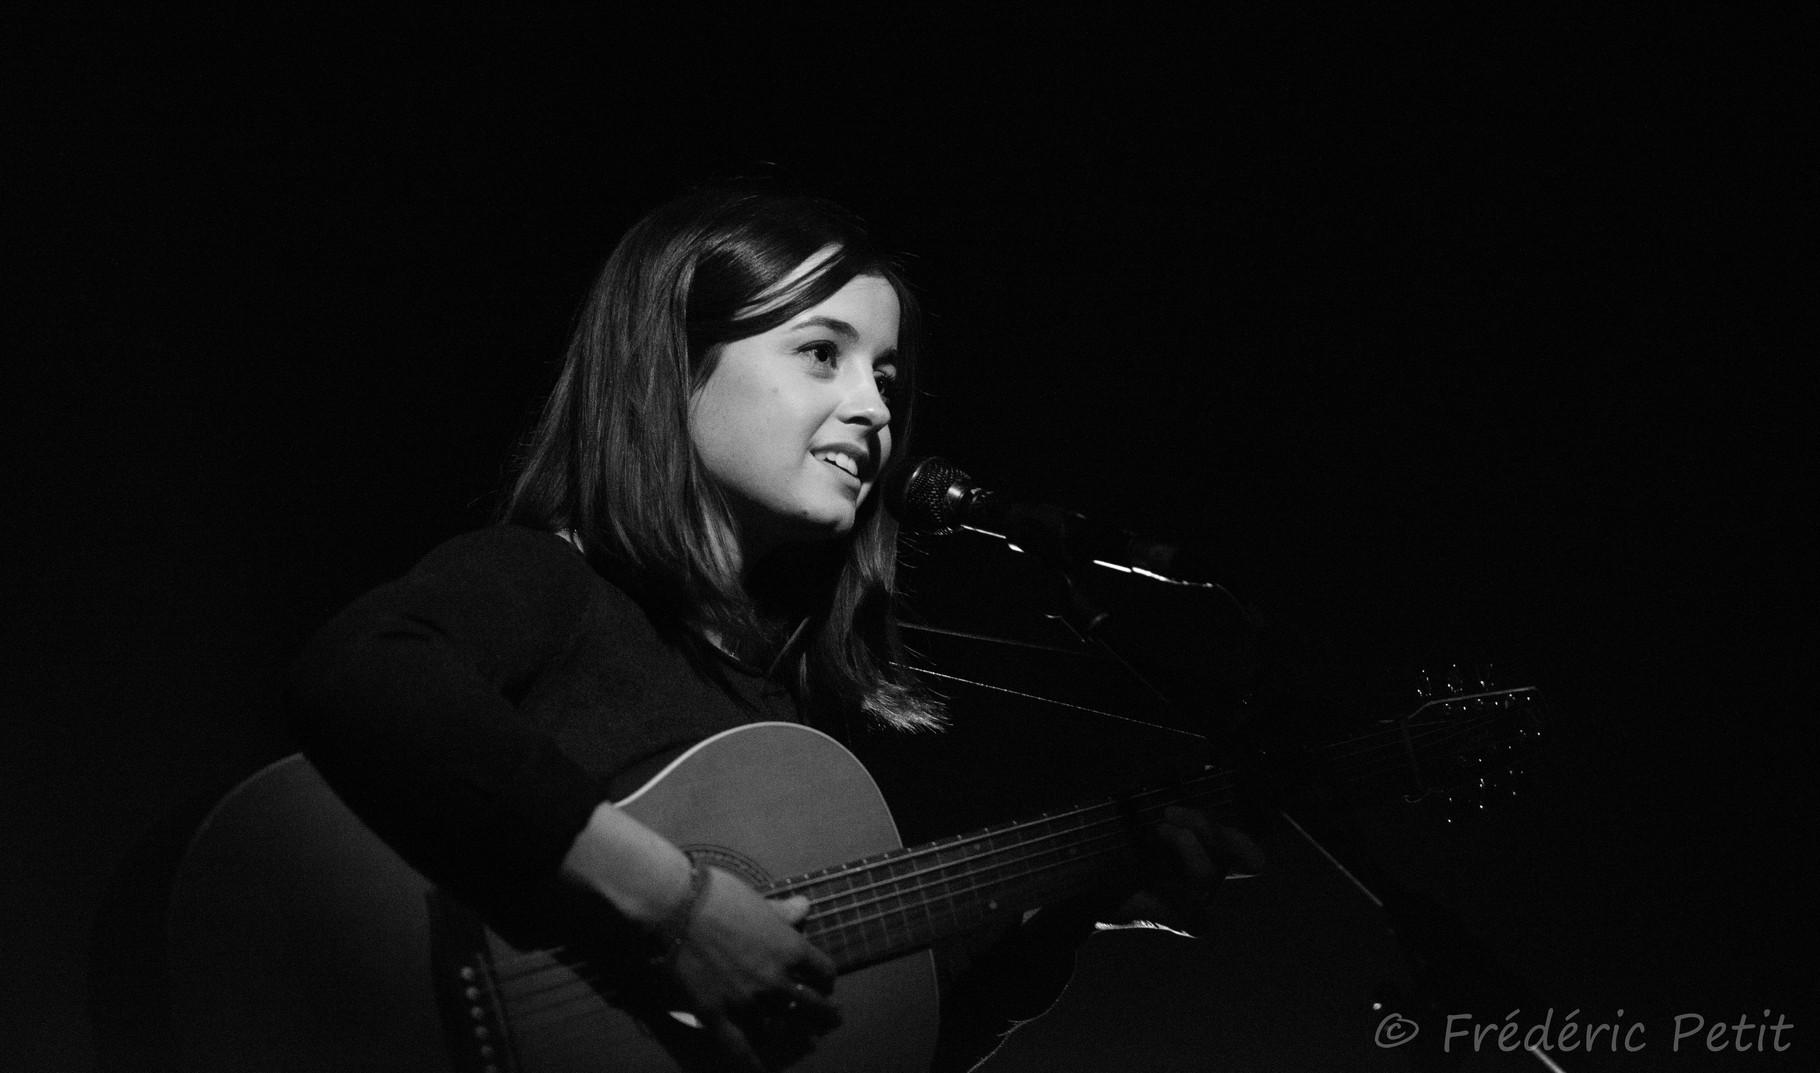 13 janvier 2015 - Leïla Huissoud @ 3 Baudets